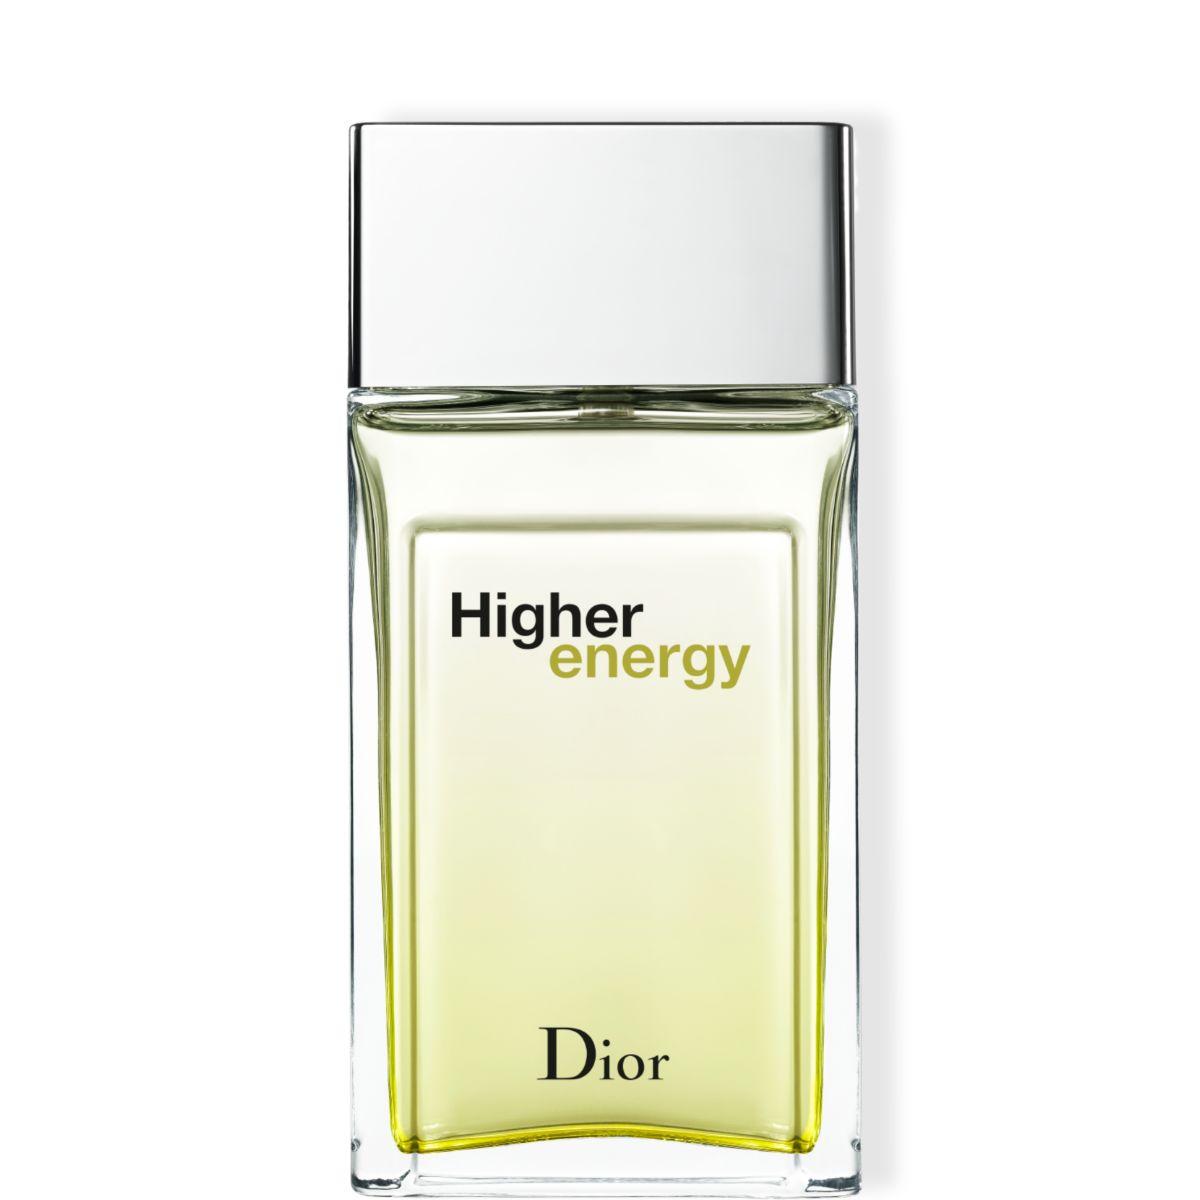 Dior - Higher Energy - Eau de Toilette